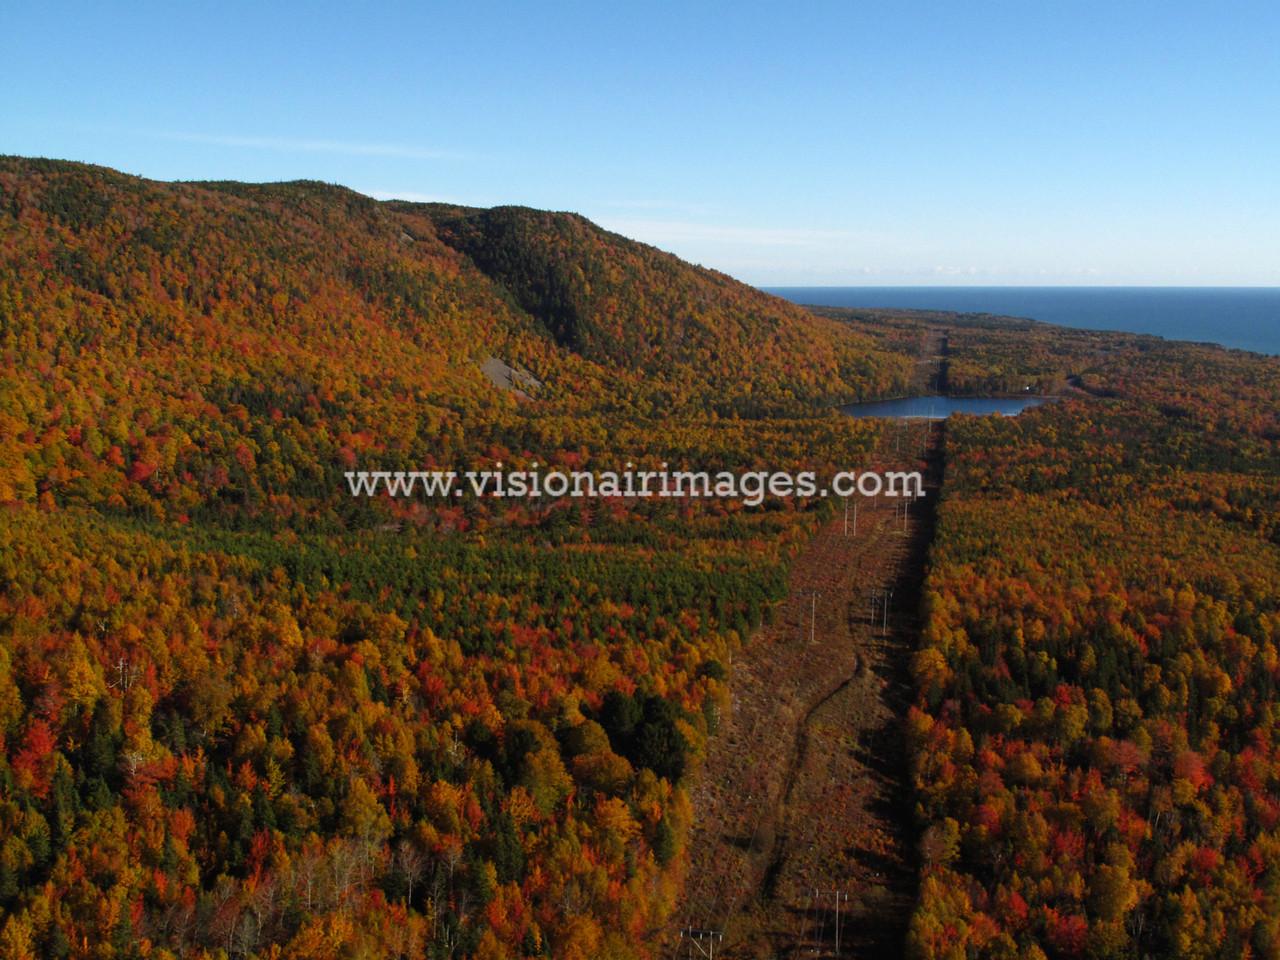 Fall Color Aerial, Powerline Cooridor to Wreck Cove, Cape Breton Island, Nova Scotia, Canada